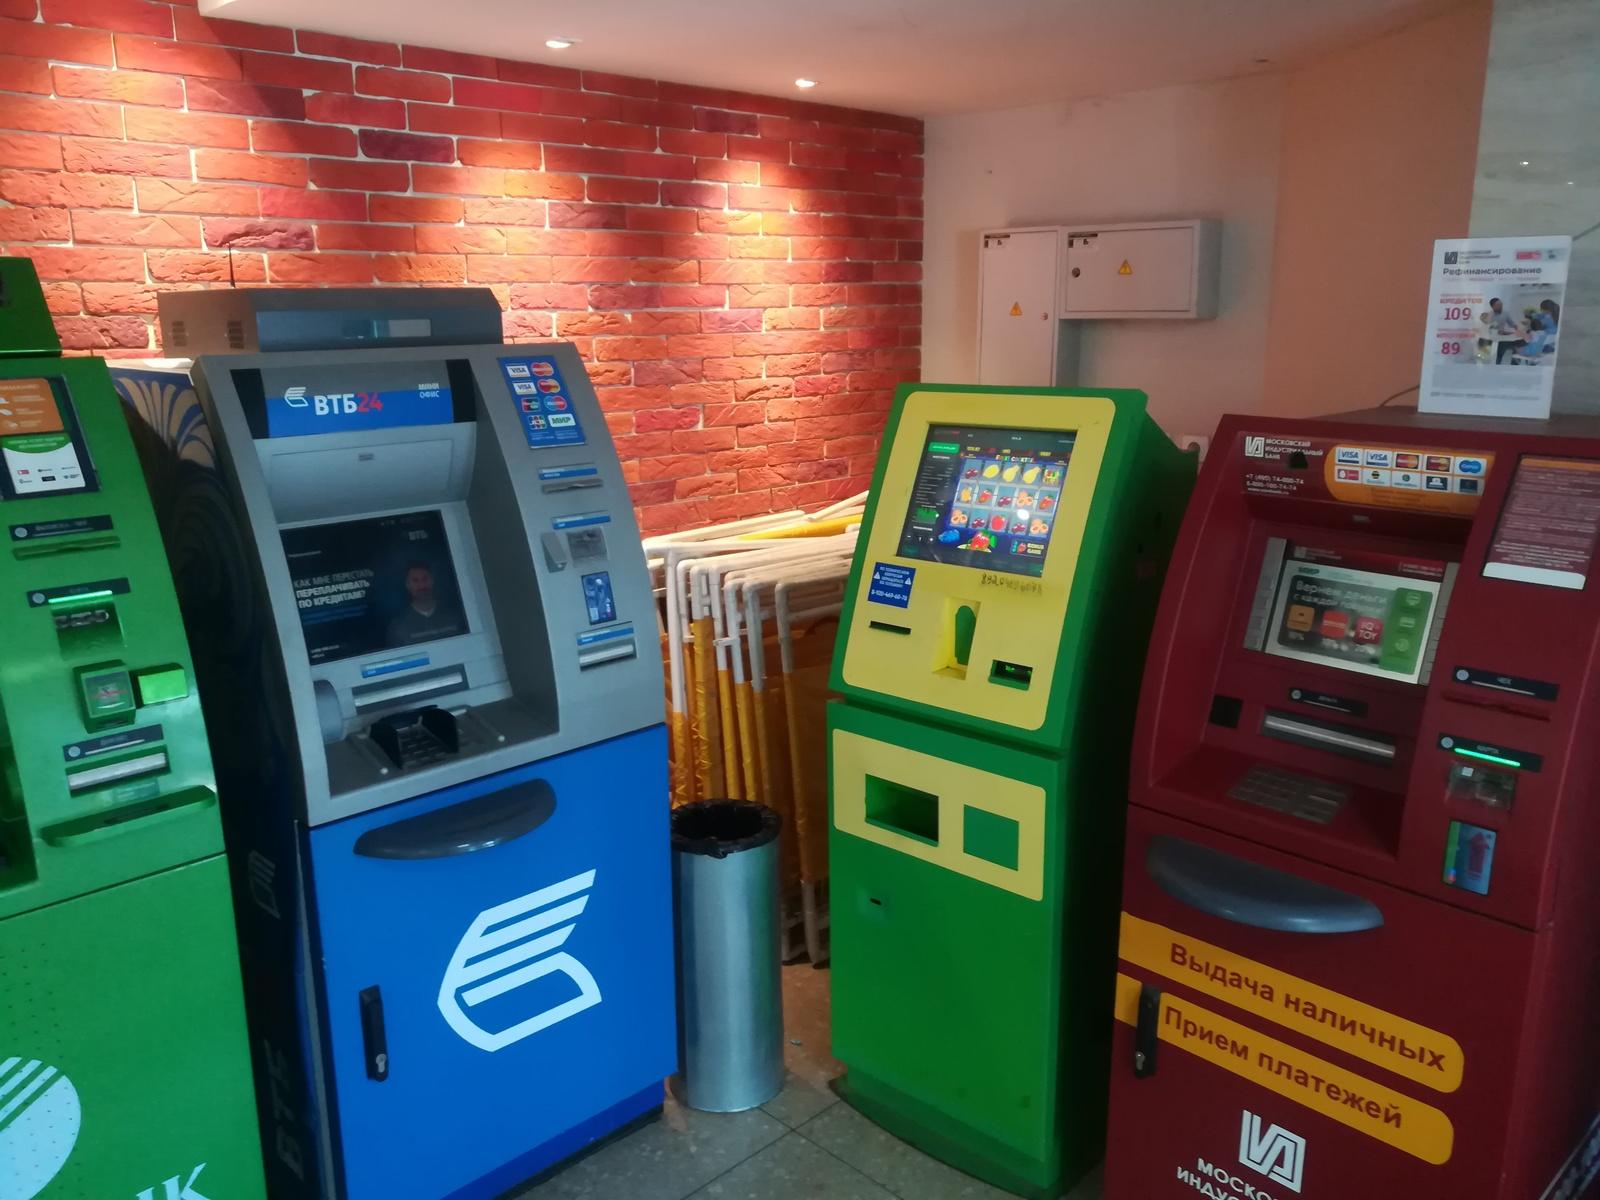 Игровые автоматы сон игровые автоматы играть бесплатно онлайн длямальчиков